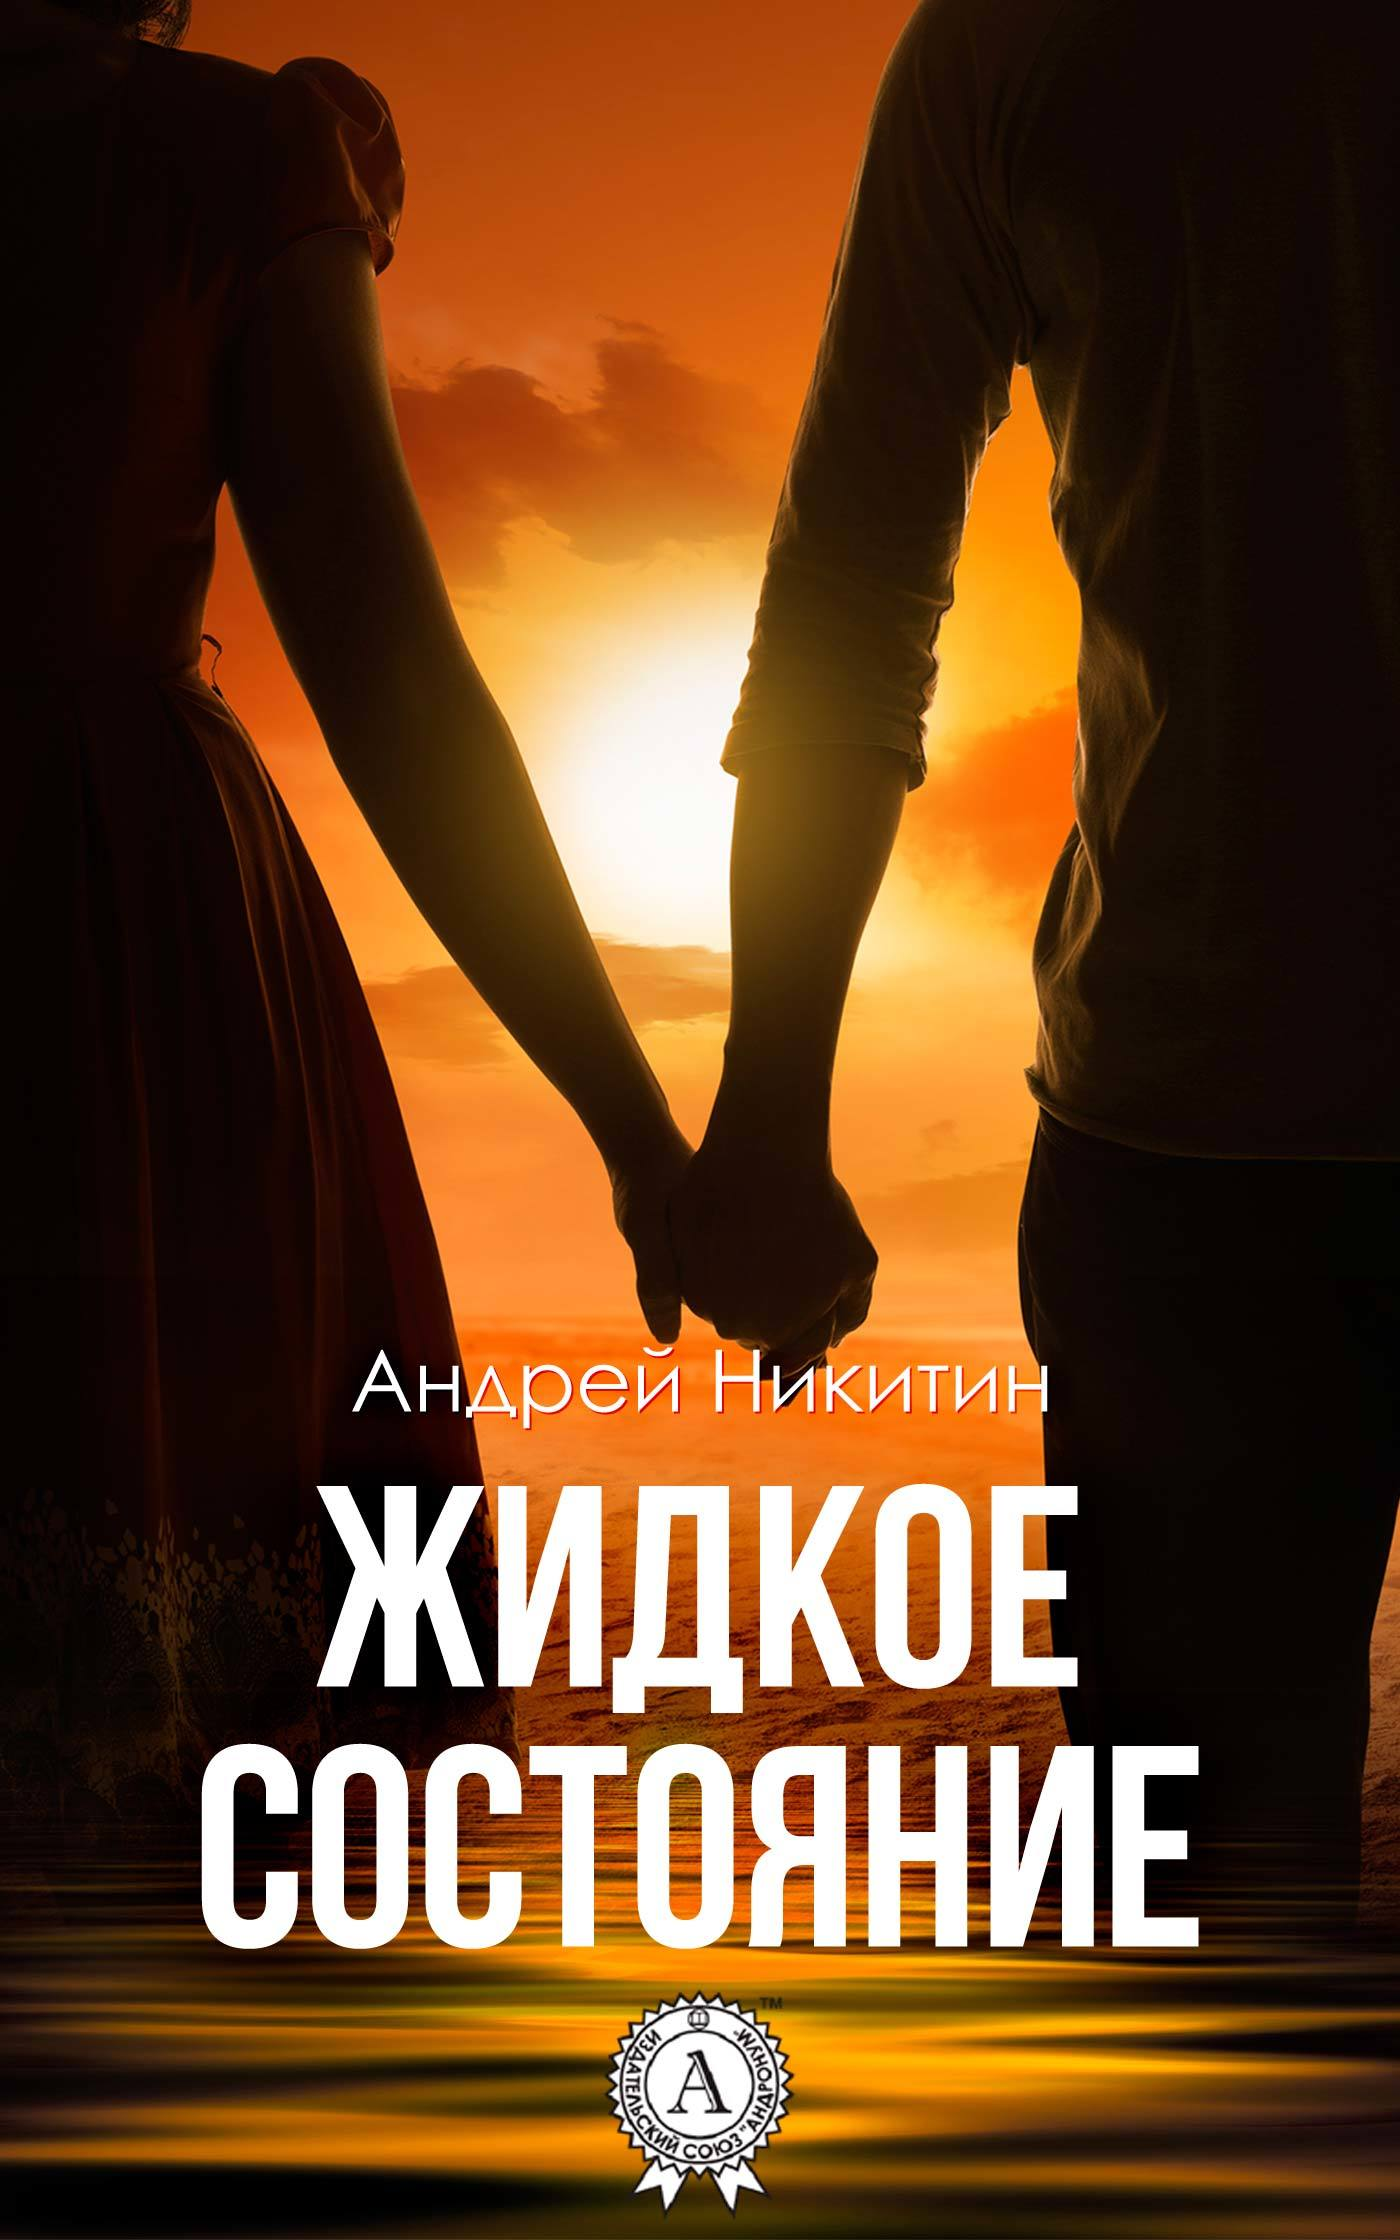 Андрей Никитин - Жидкое состояние